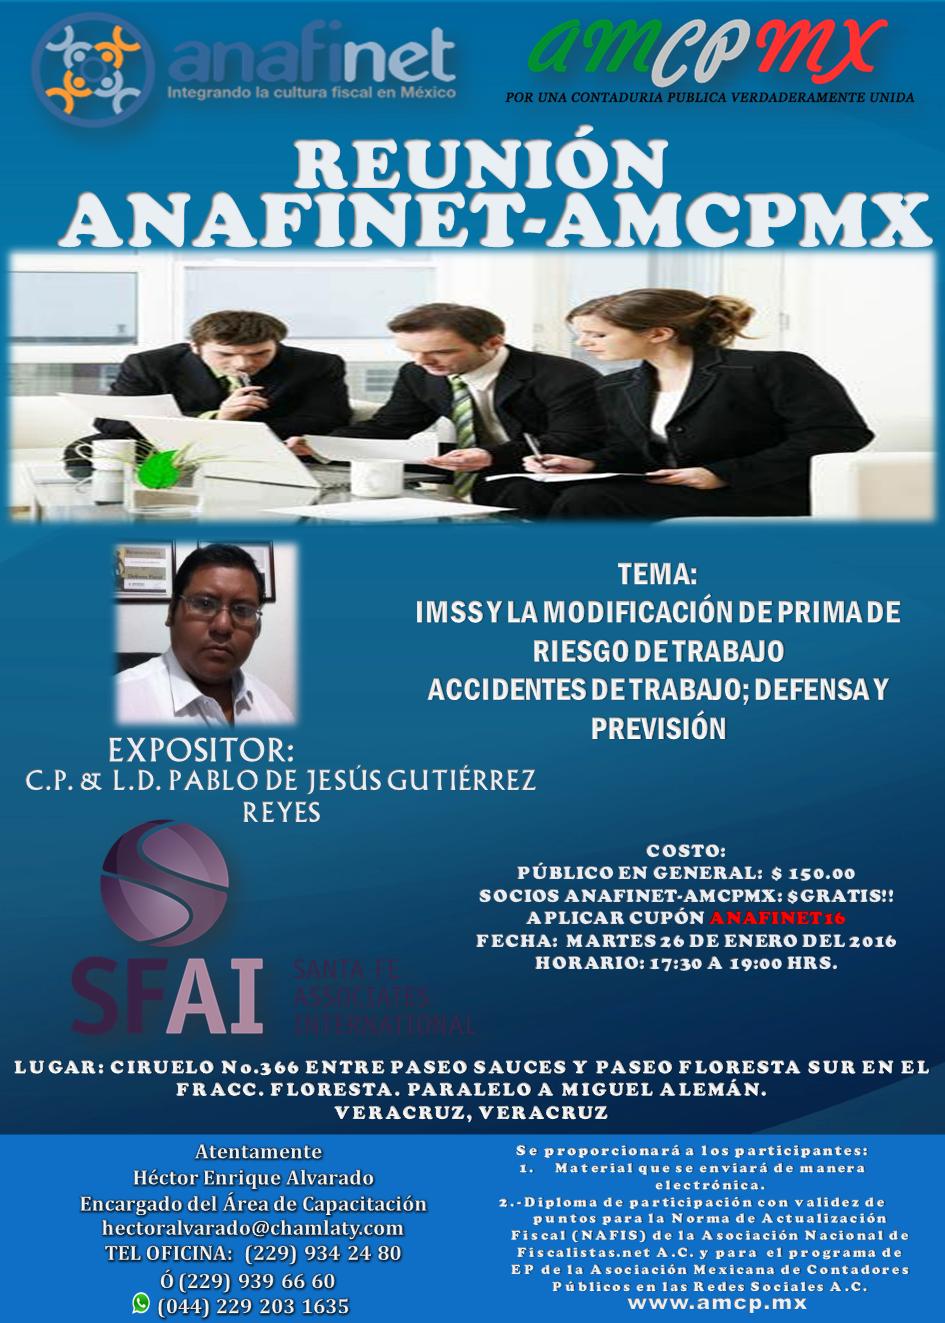 AMCPCRS - INFORMES Y CUMPLIMIENTO DE LA NEP 2015 - 12/01/2016